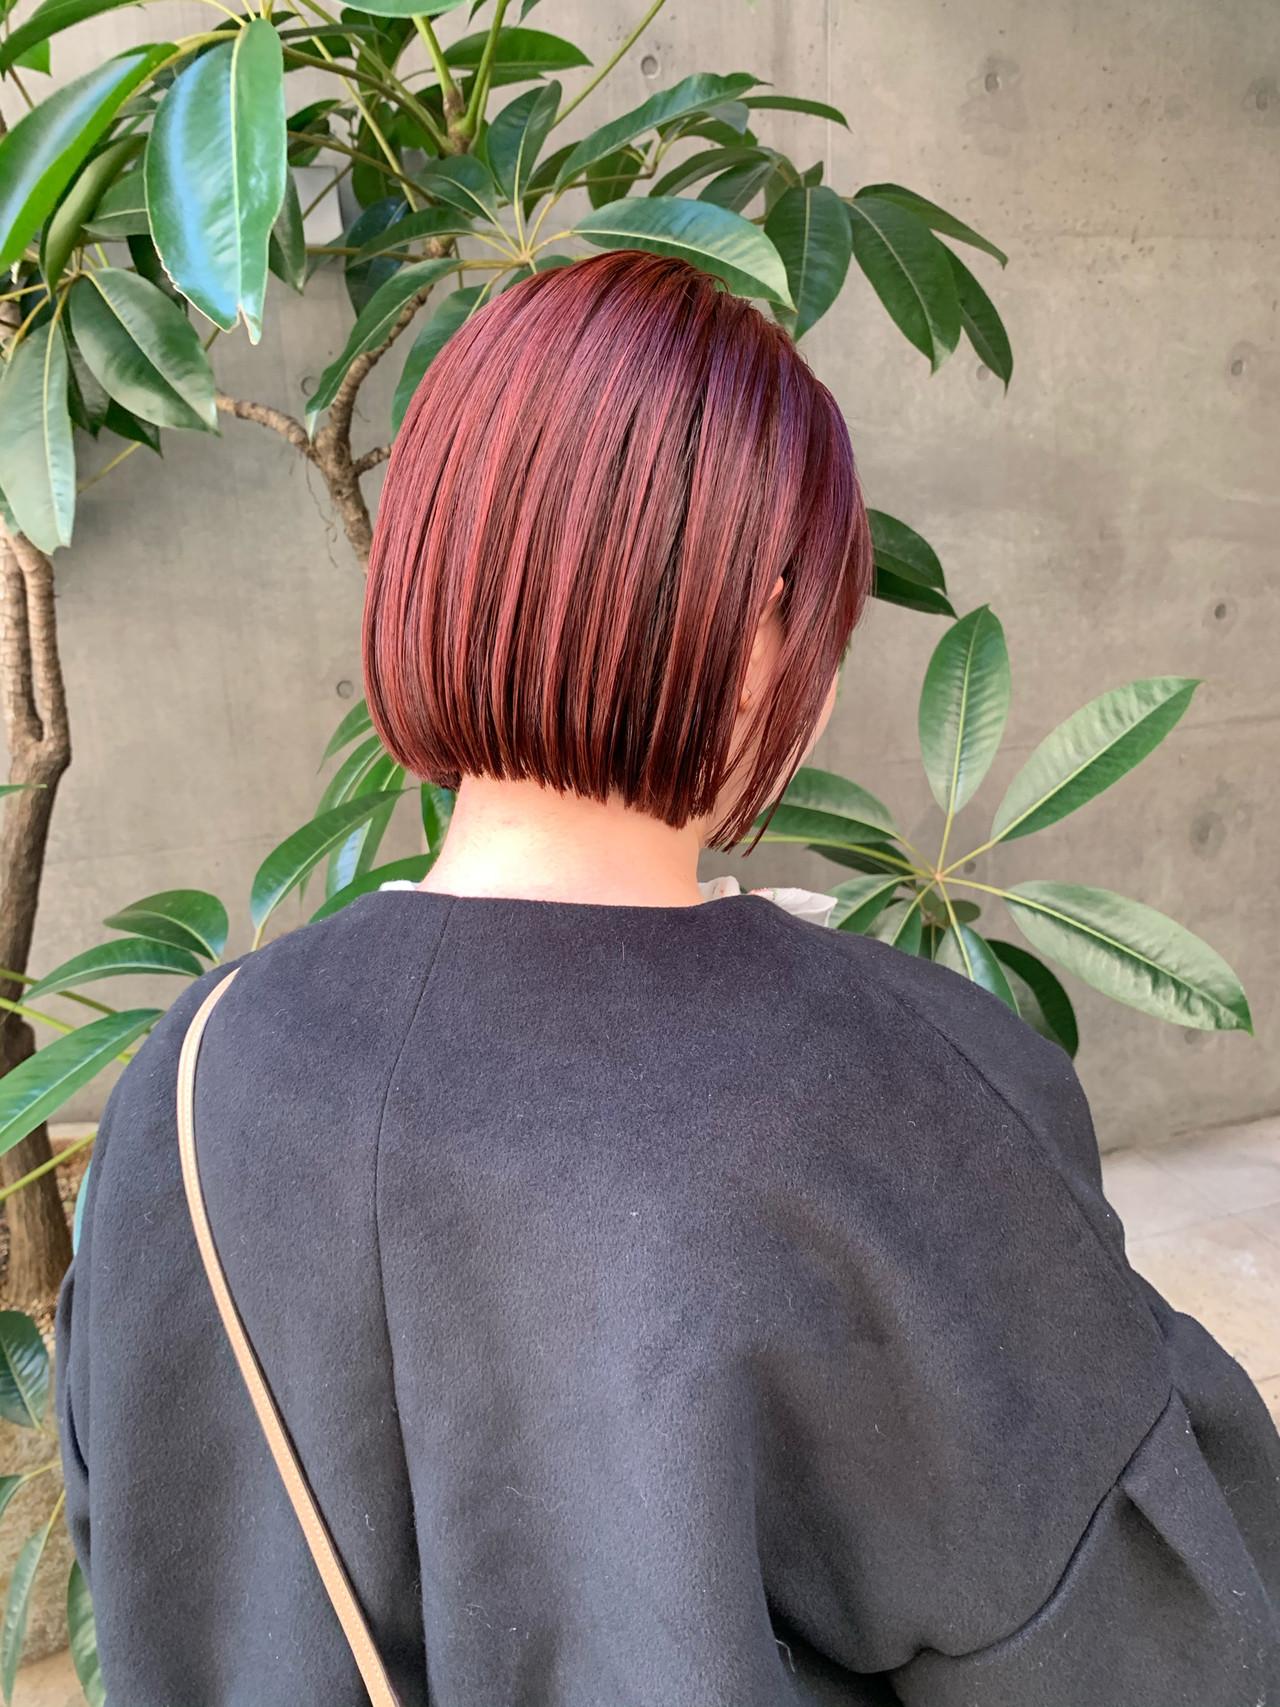 ショートボブ ミニボブ ストリート 切りっぱなしボブ ヘアスタイルや髪型の写真・画像 | 内山 俊平【C・crew】 / C・crew